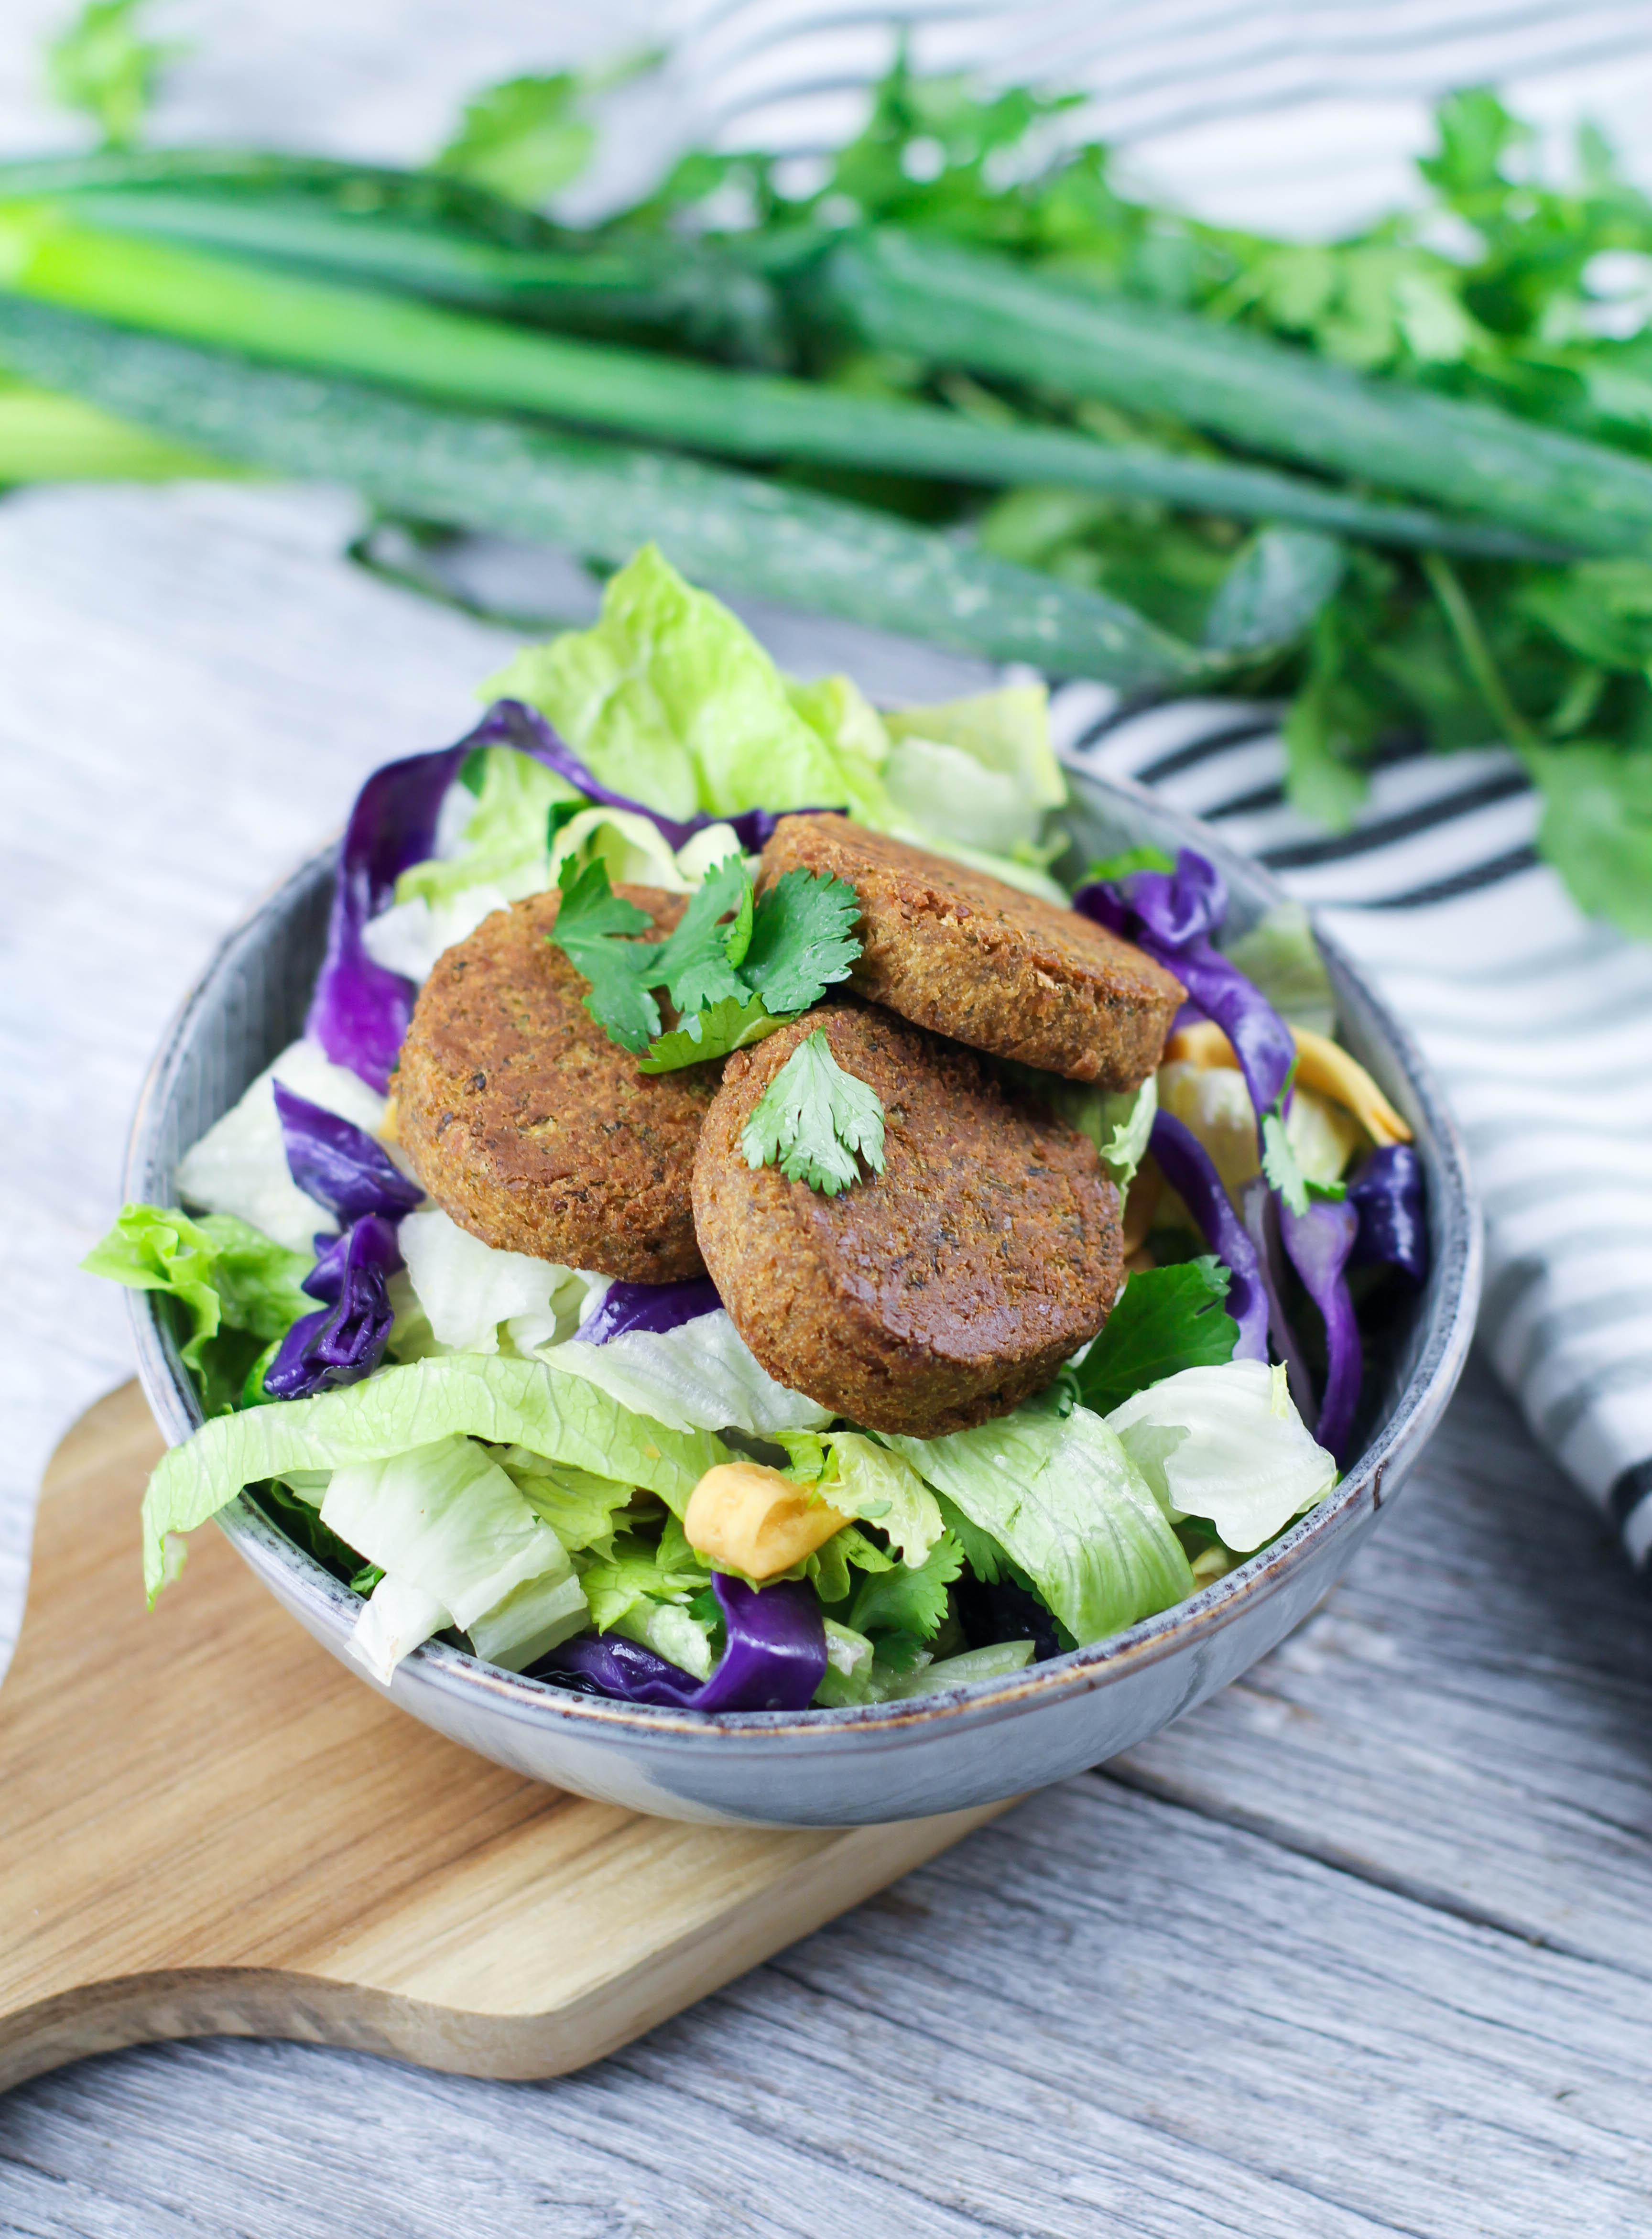 Crunchy Noodle & Falafel Salad